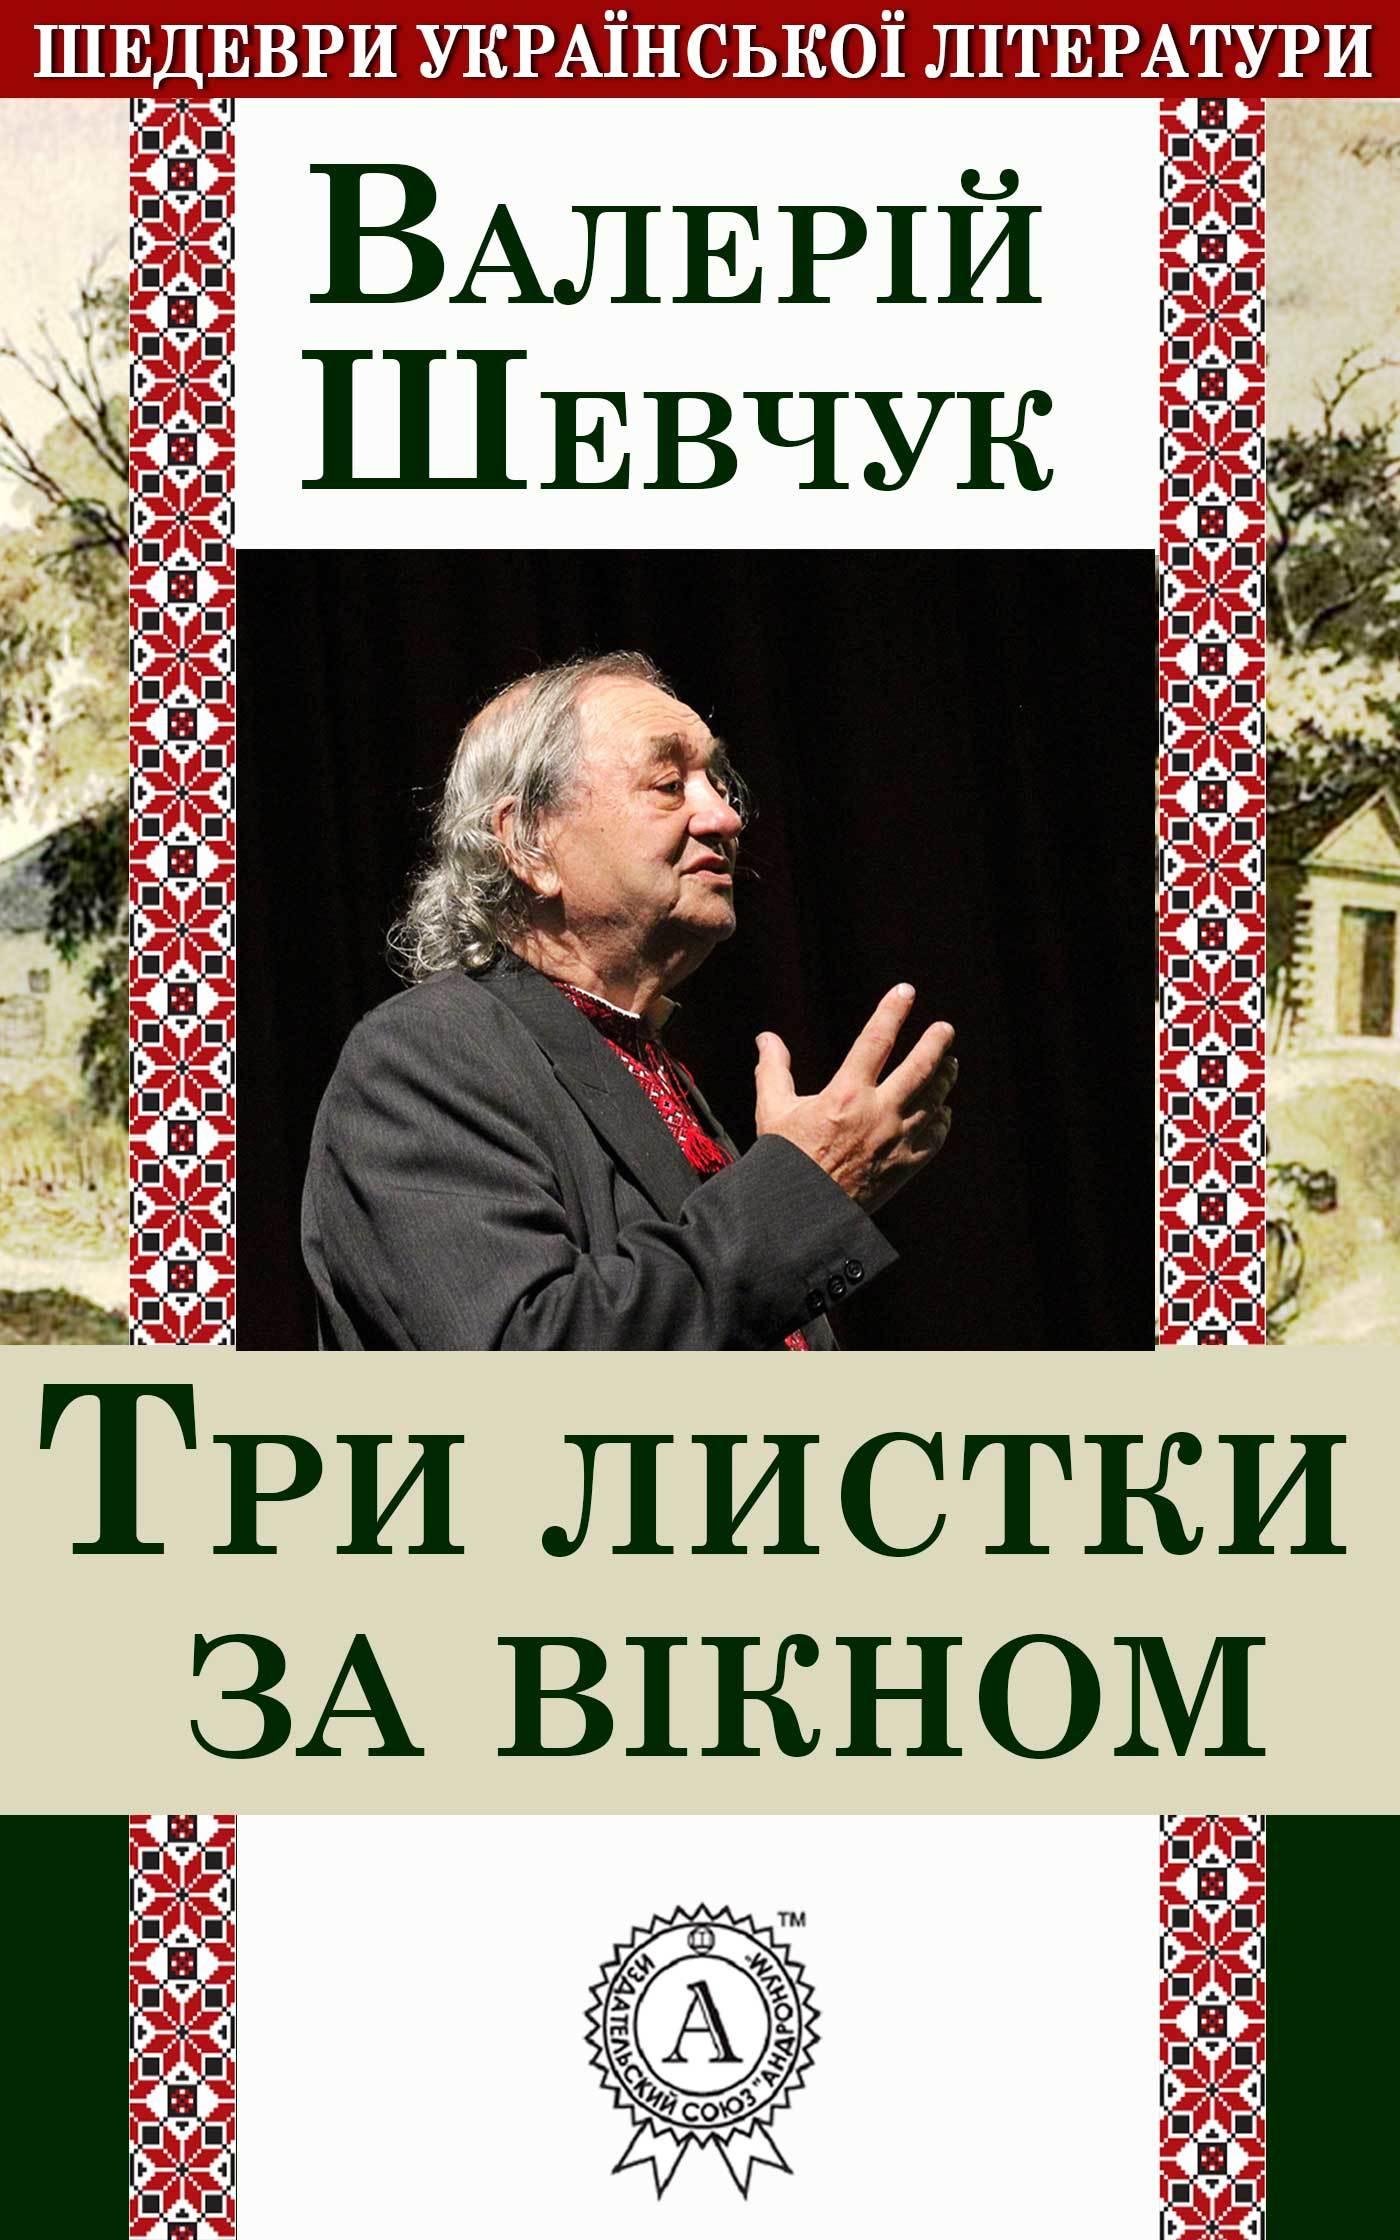 Три листки за вікном ( Валерій Шевчук  )